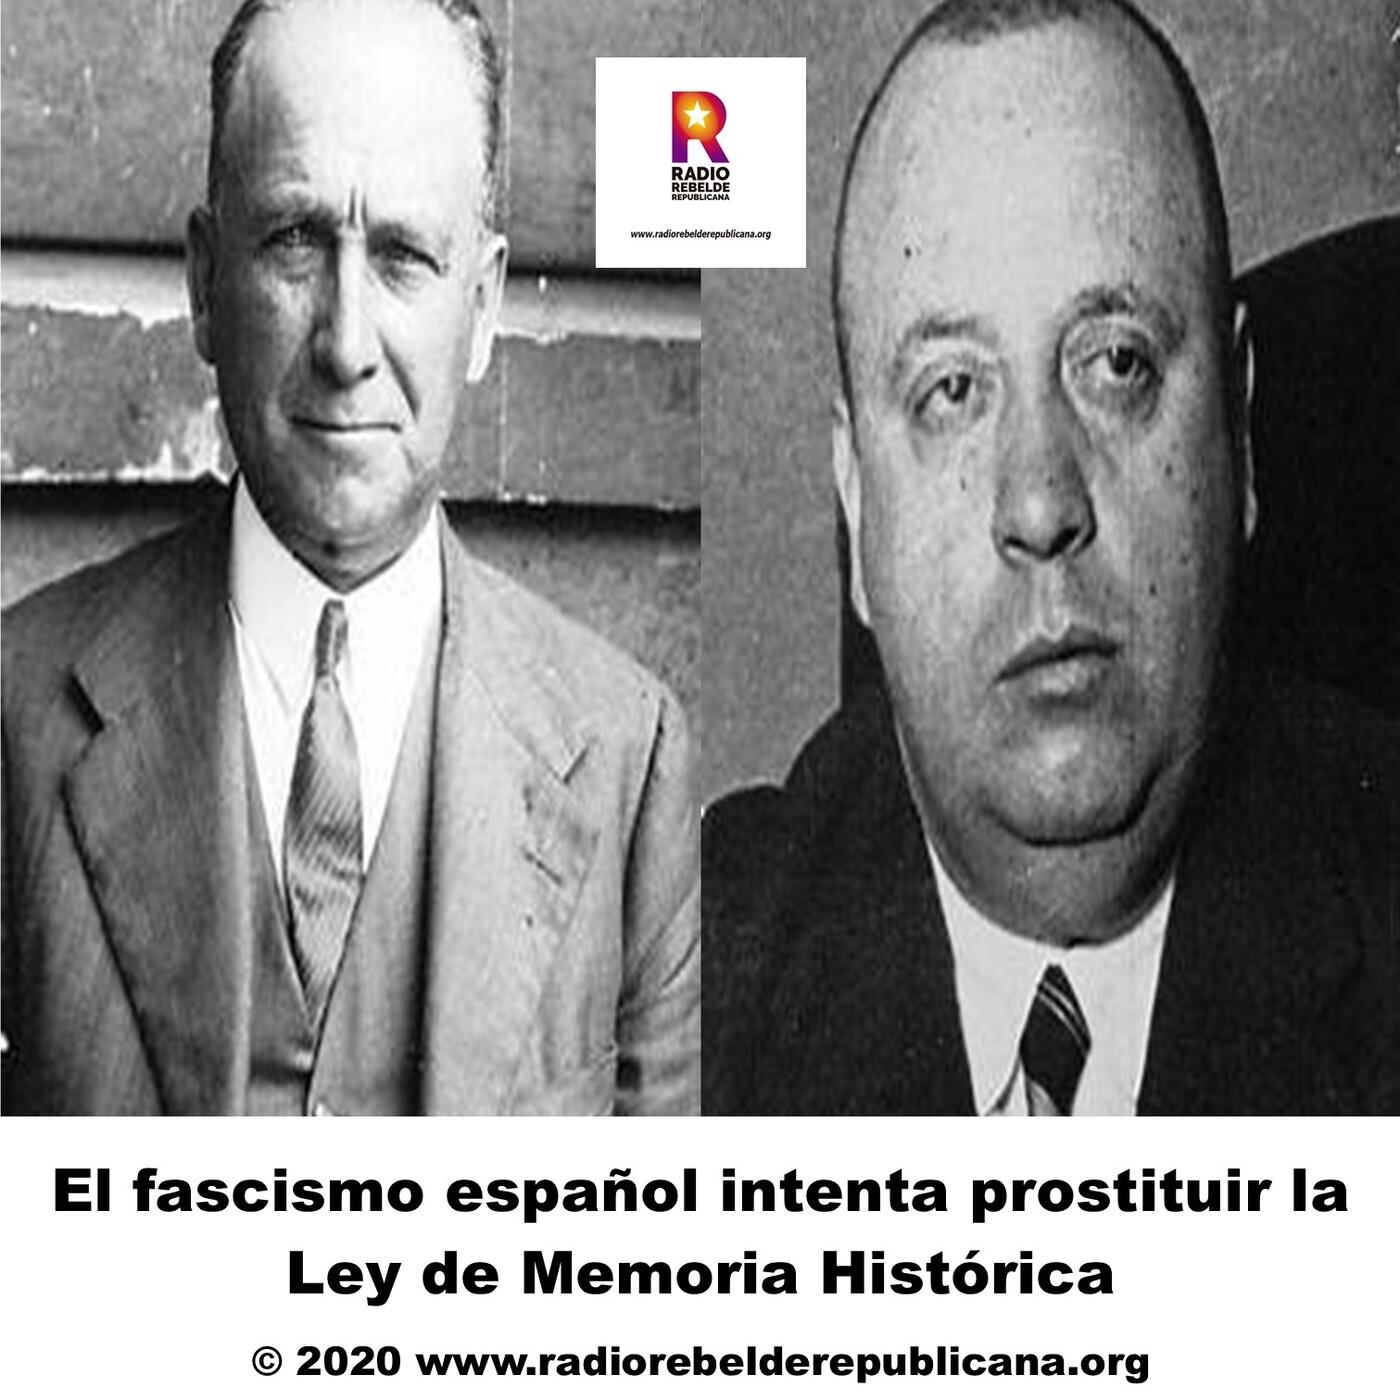 El fascismo español intenta prostituir la Ley de Memoria Histórica